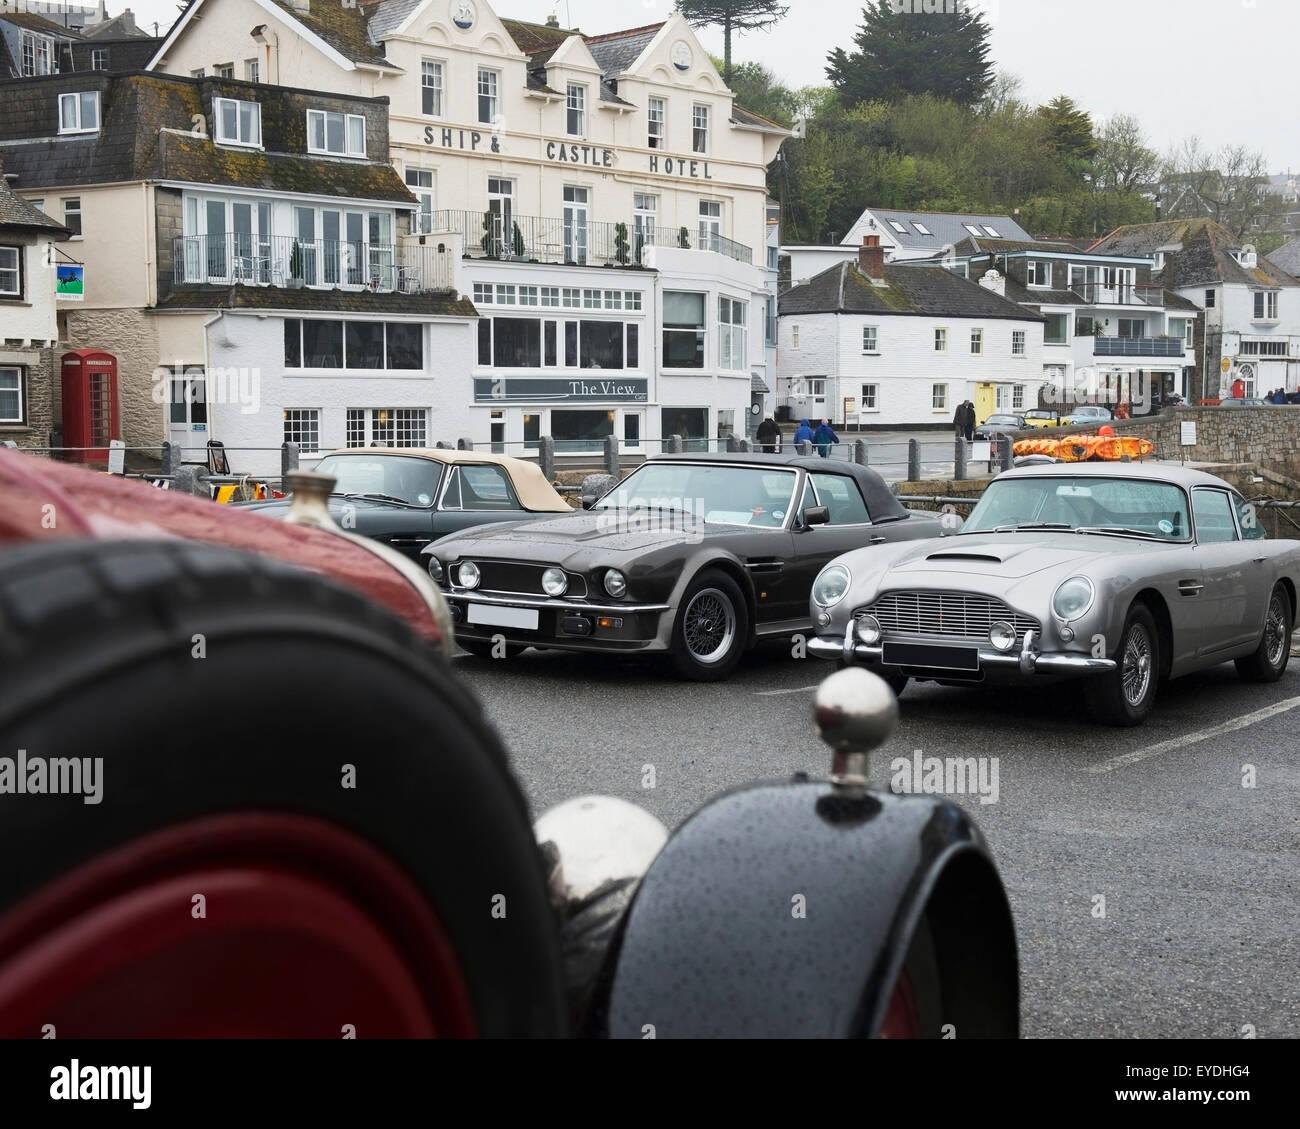 United Kingdom England Cornwall St Mawes Classic Car Festival